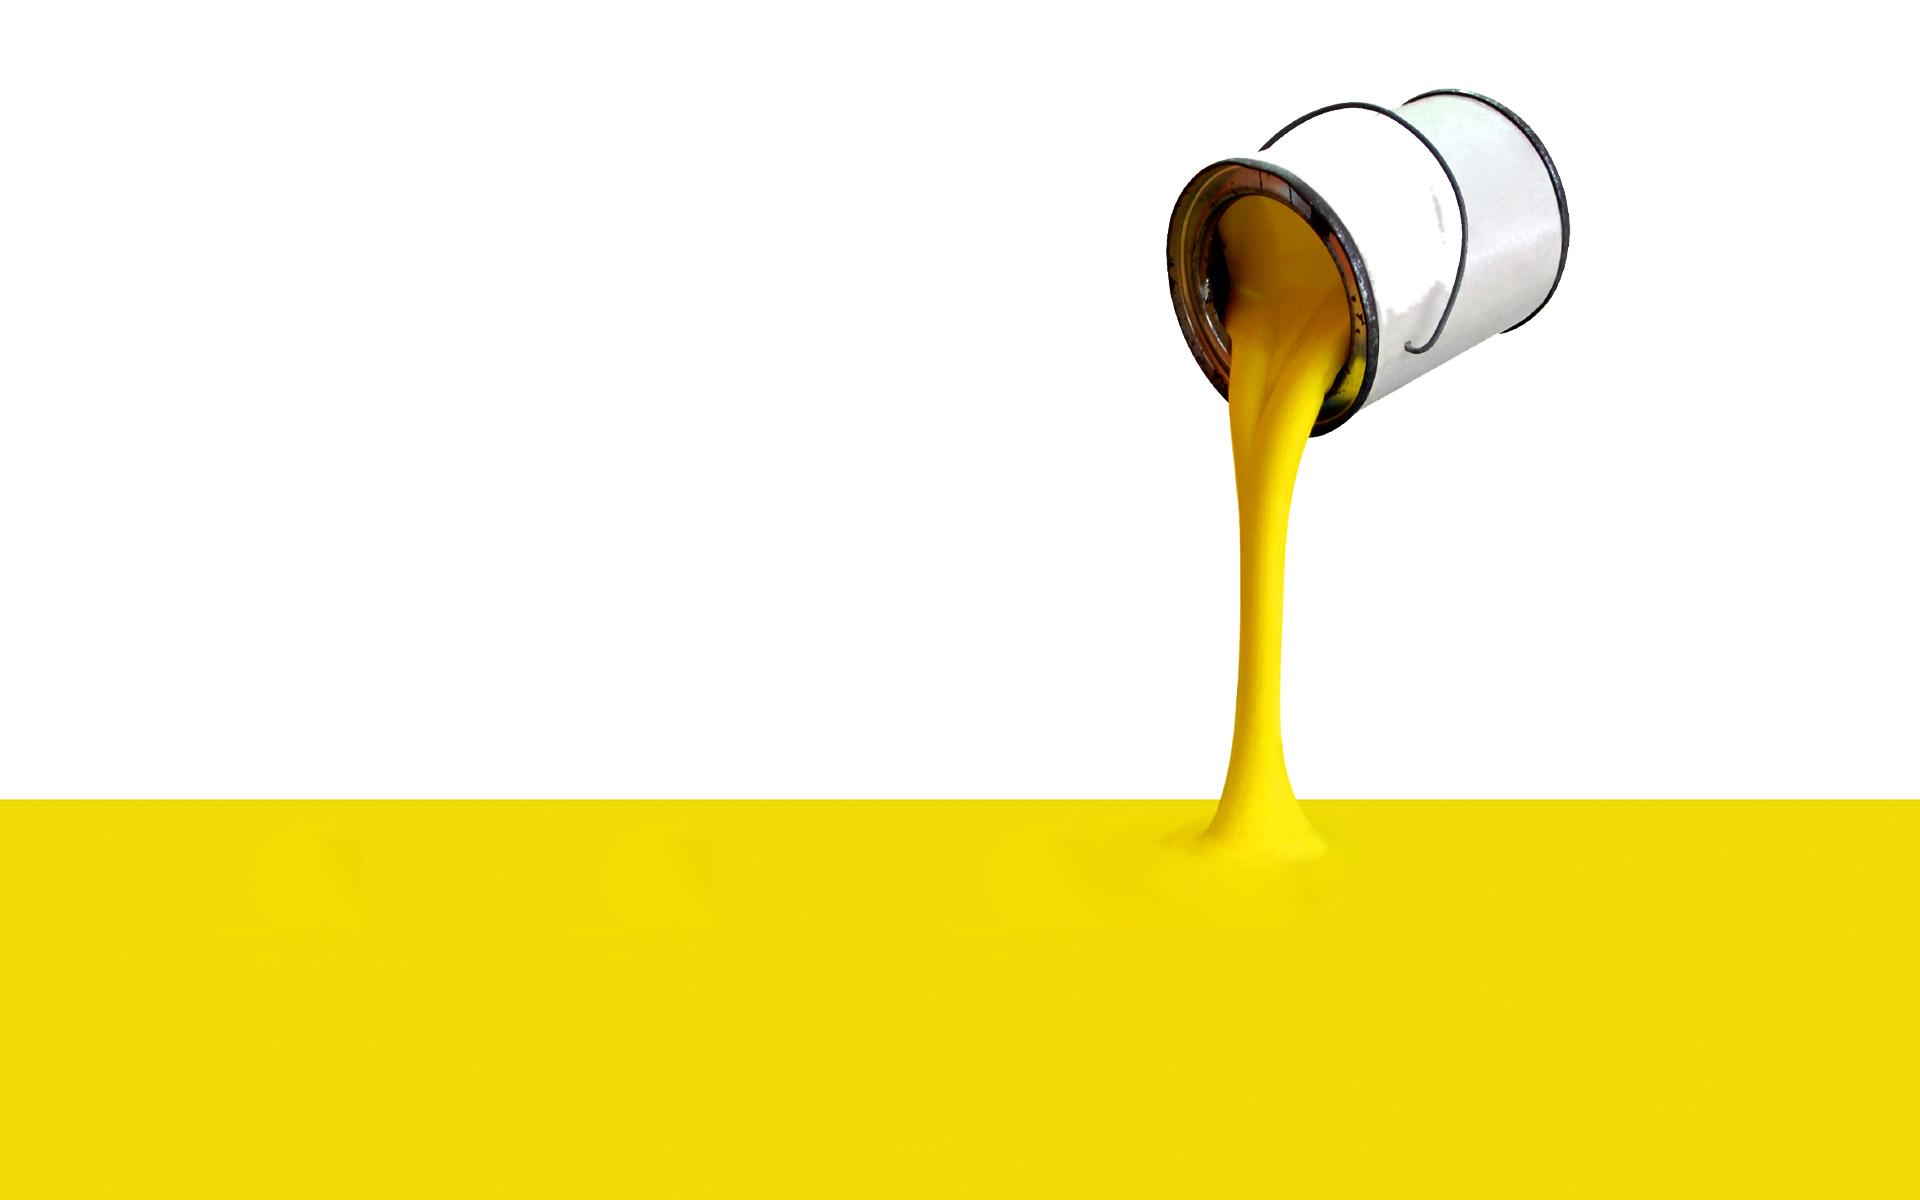 Desktop Wallpaper 197 – Secchio di vernice gialla